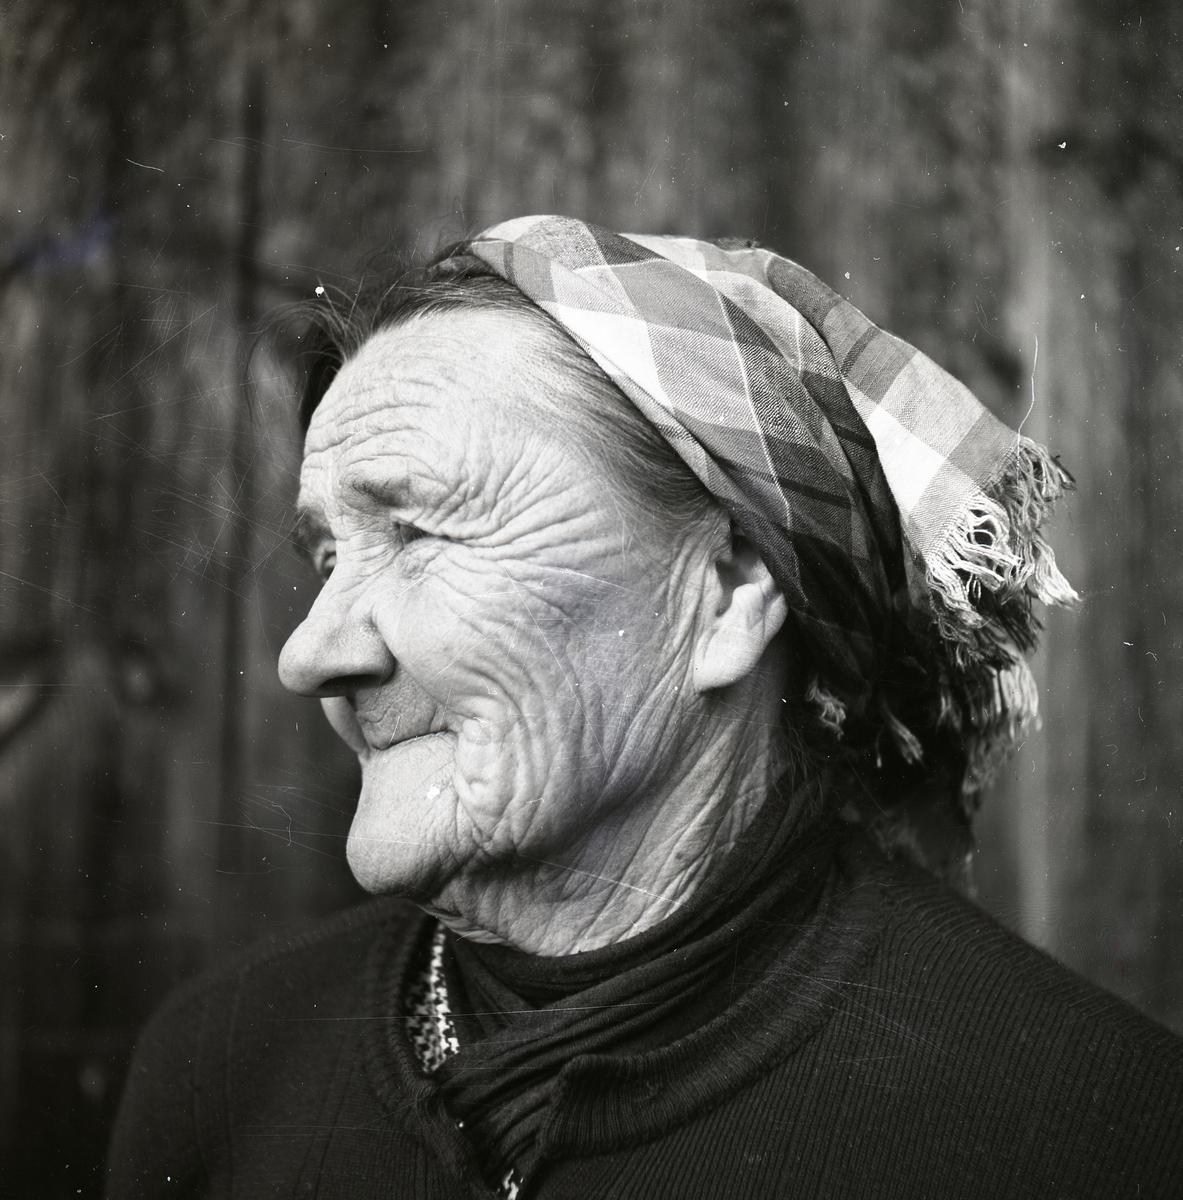 Porträtt av en äldre kvinna med rynkigt ansikte och rutig sjalett runt håret.